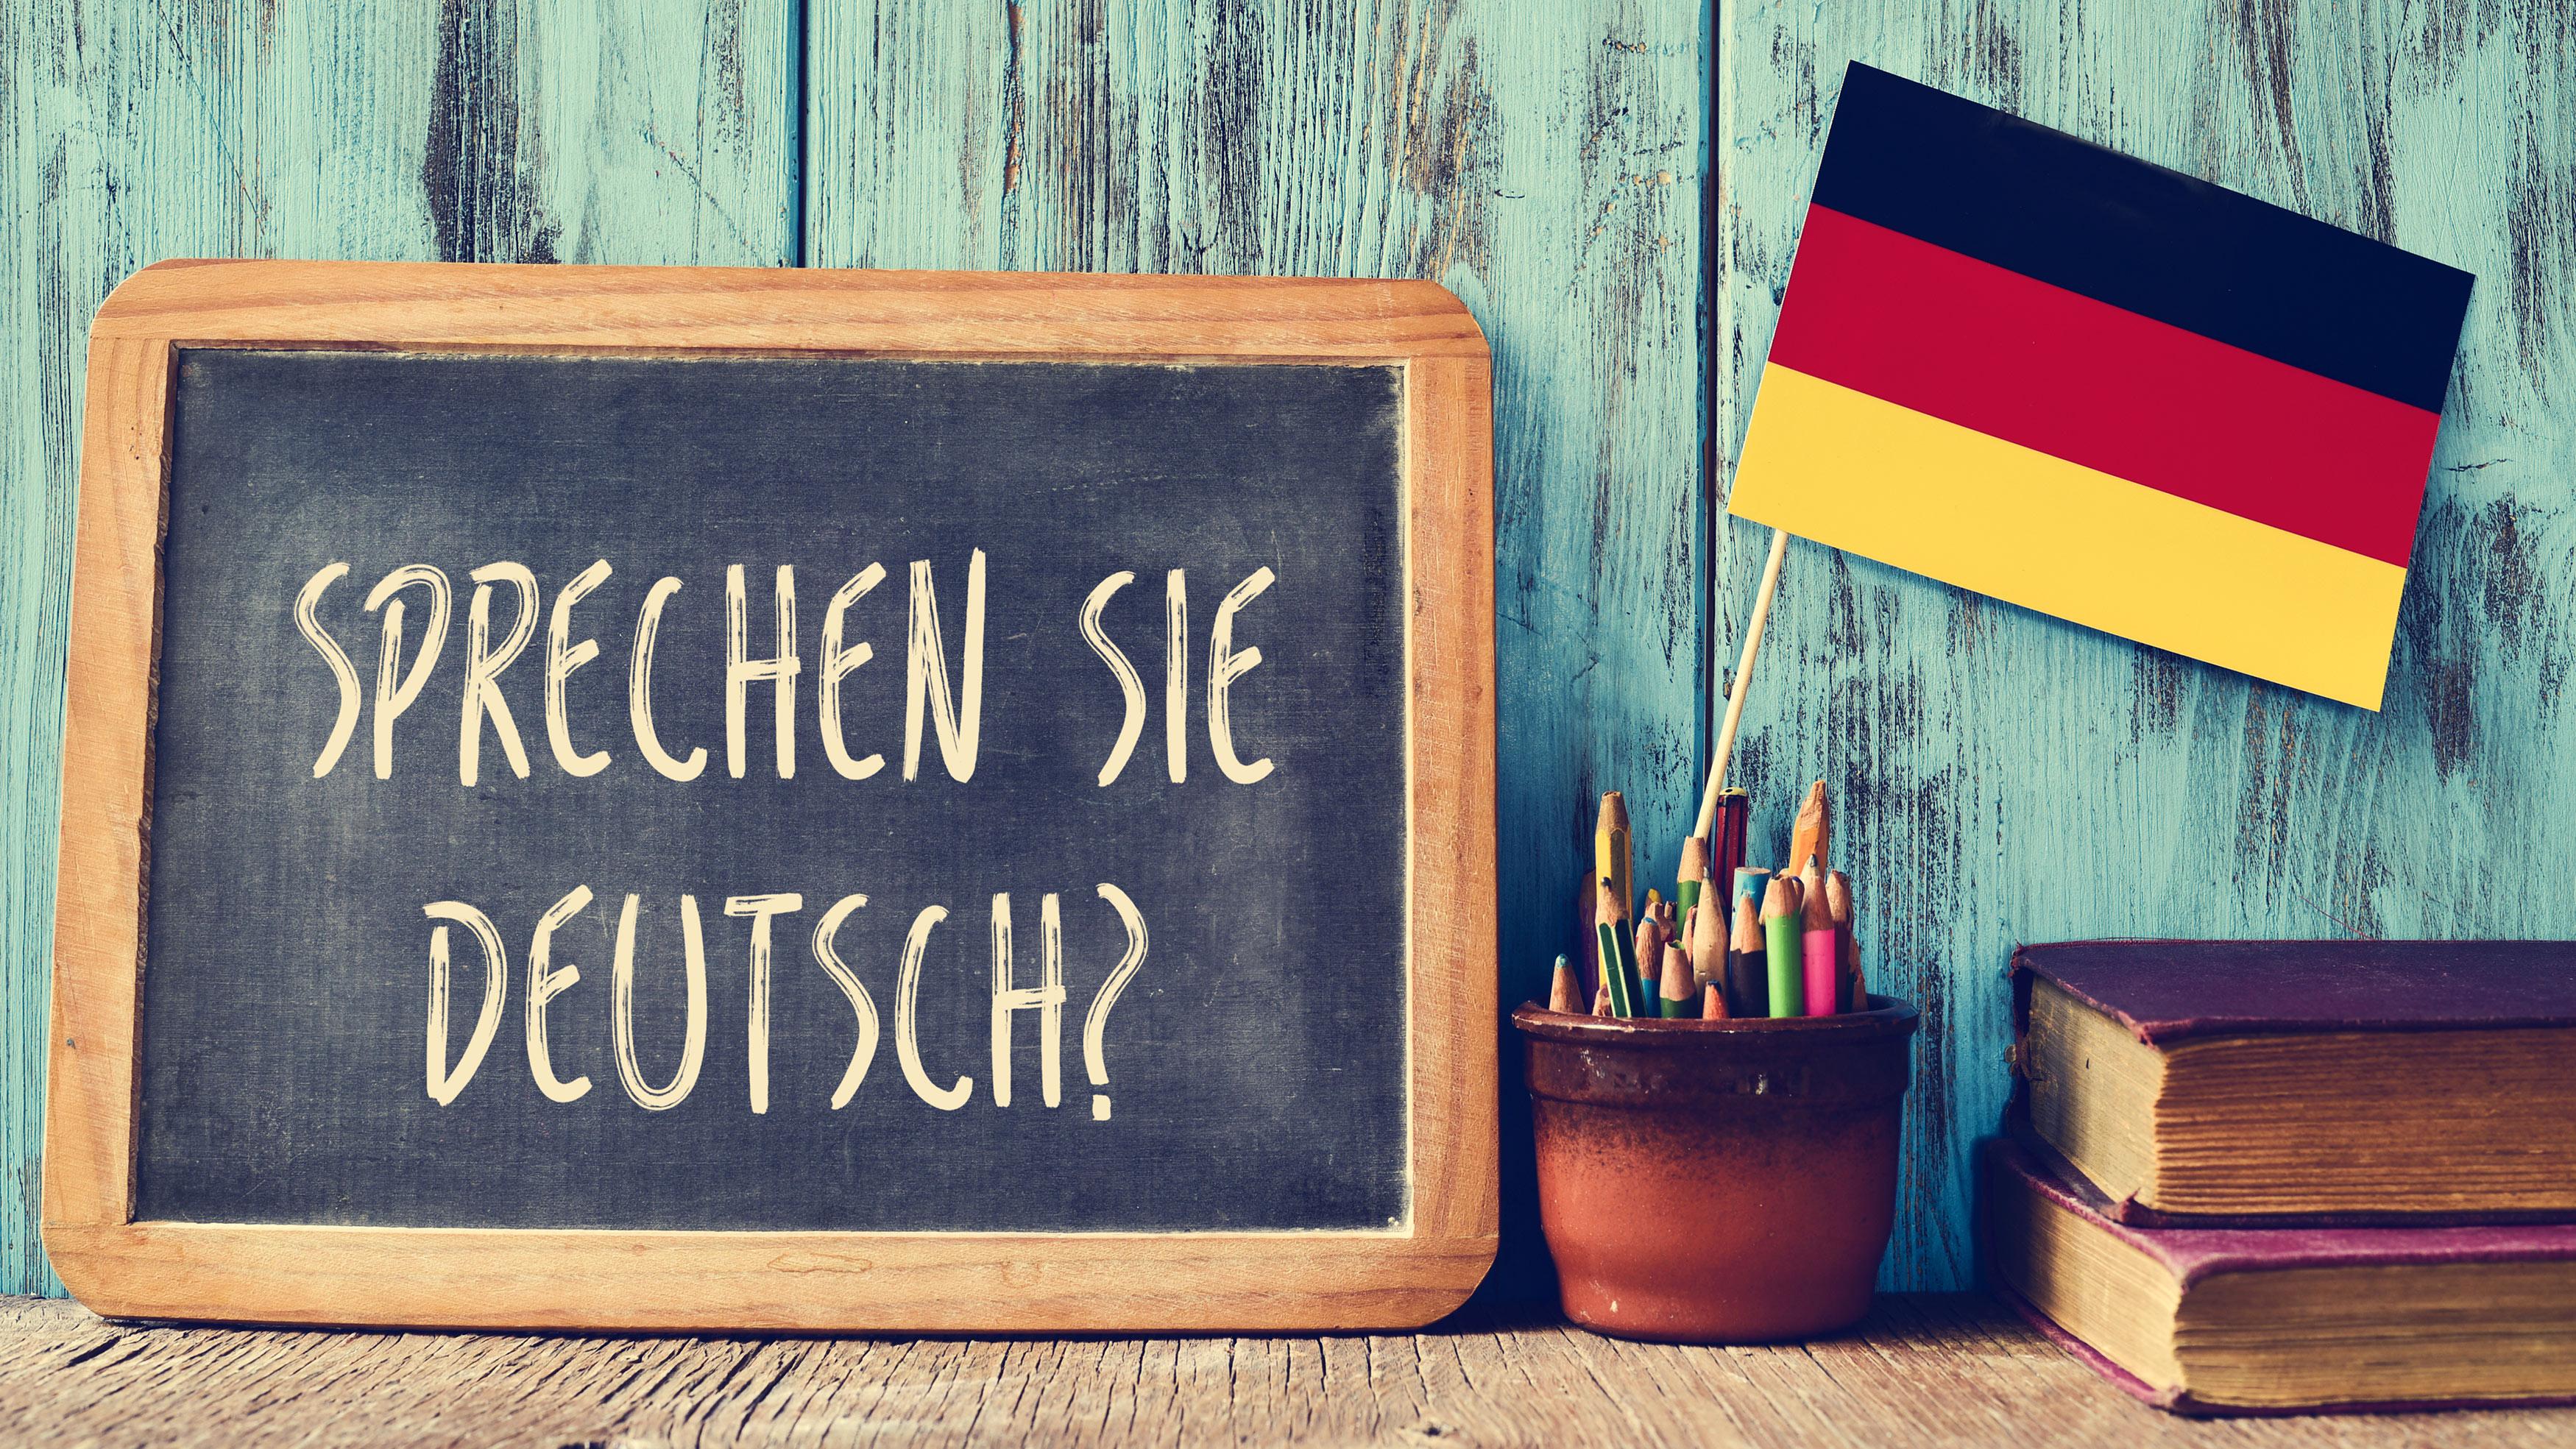 <html>  <head></head>  <body>   <p>La langue allemande a la réputation d'être difficile à apprendre. Mais il serait dommage de s'arrêter sur ce préjugé, alors que l'allemand est une langue riche et très parlée en Europe ! Voici 4 raisons d'apprendre l'allemand grâce à nos cours en ligne.</p>   </body> </html>